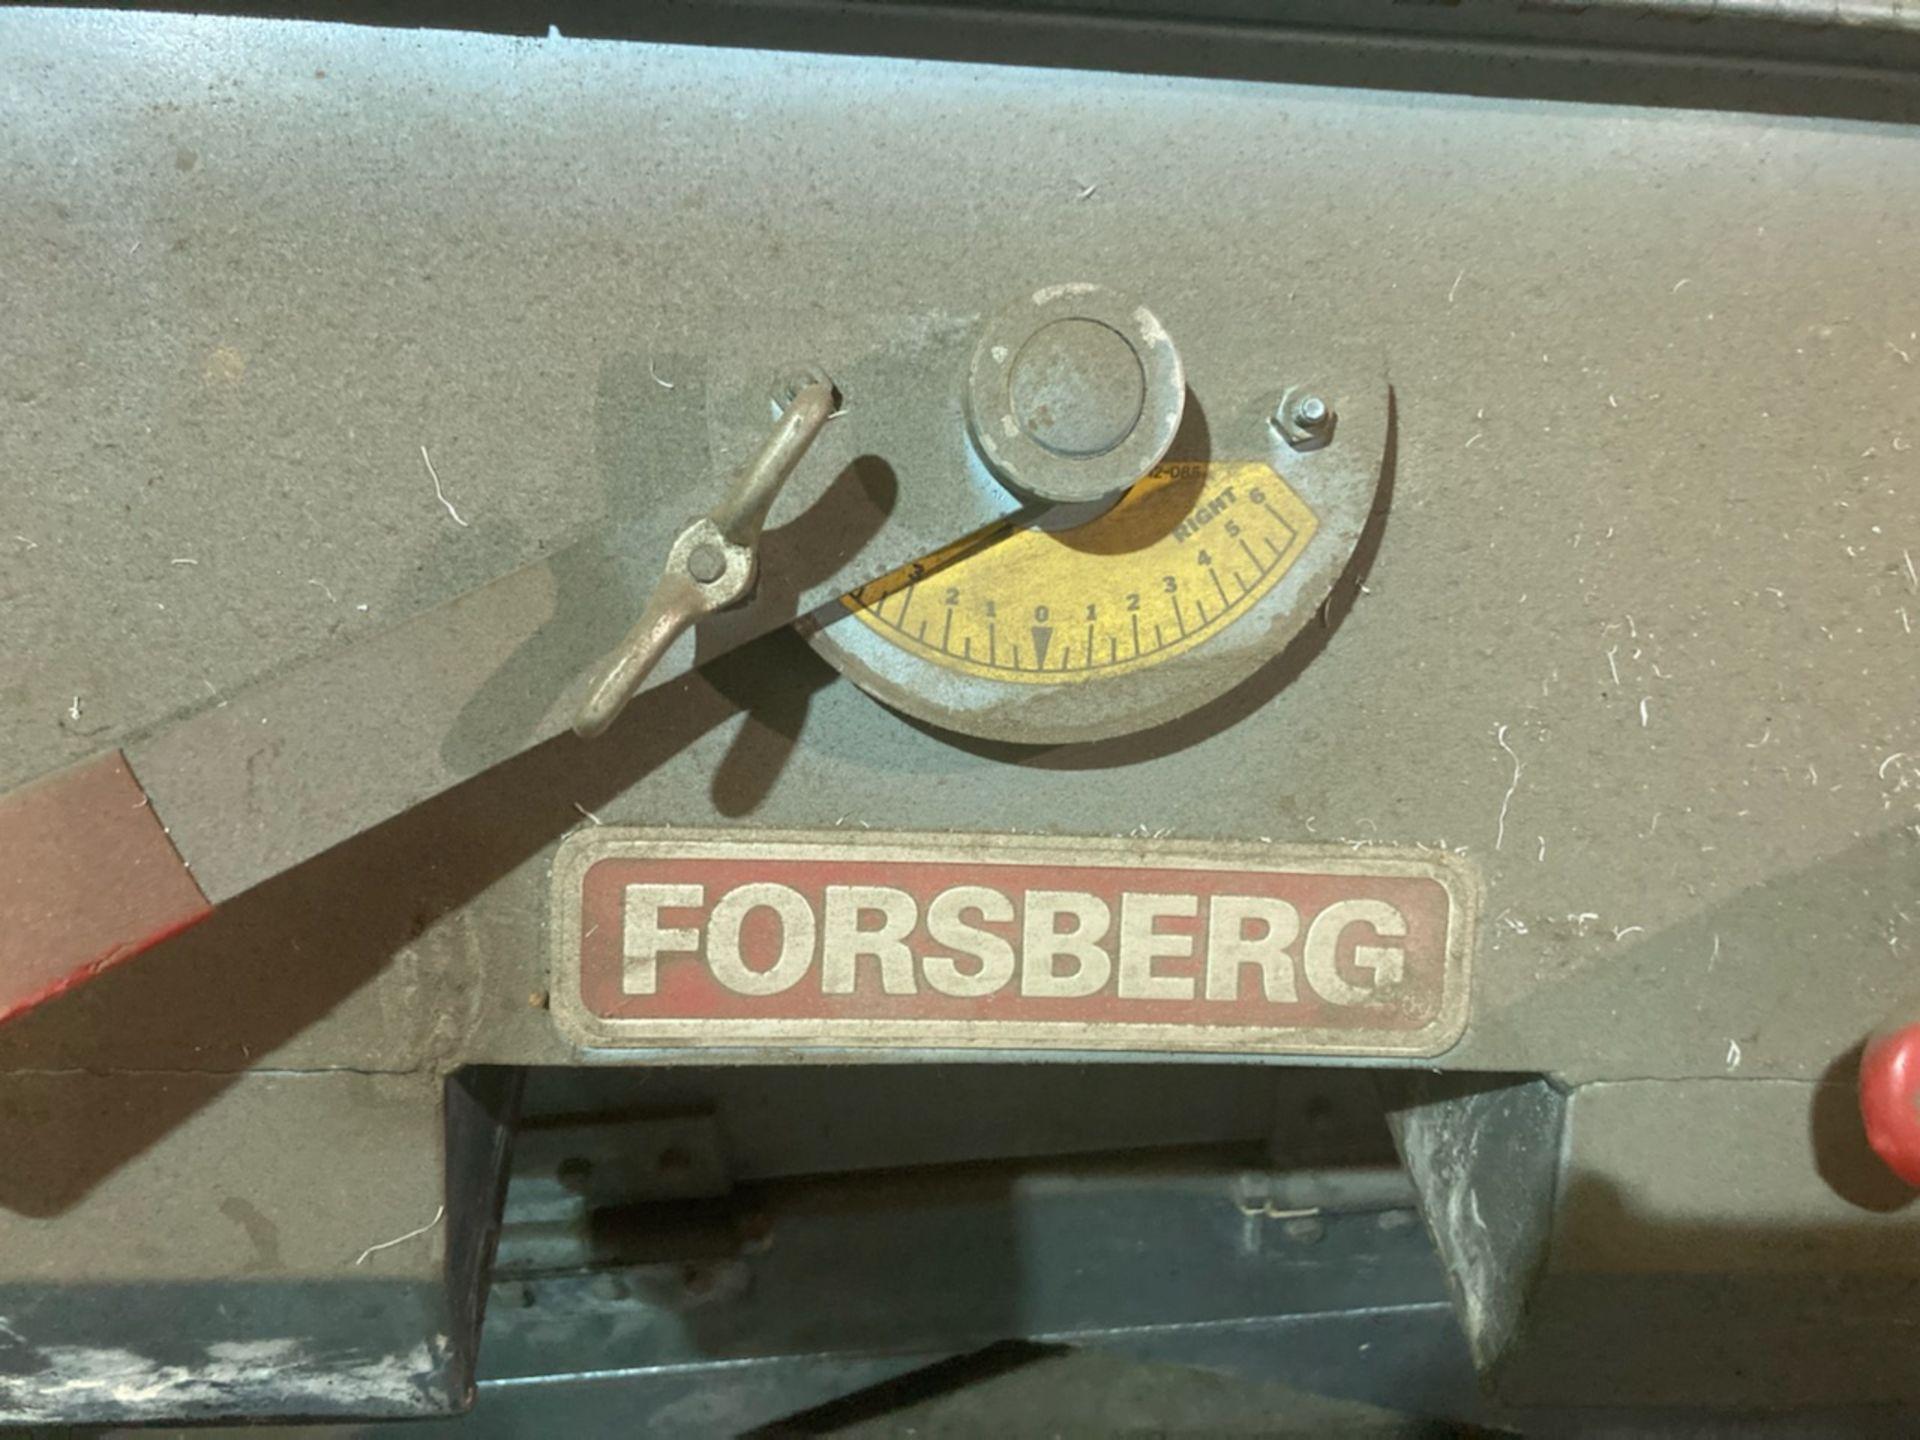 Forsberg Gravity Table Model 300-V L.H. S/N 15977 - Image 3 of 4